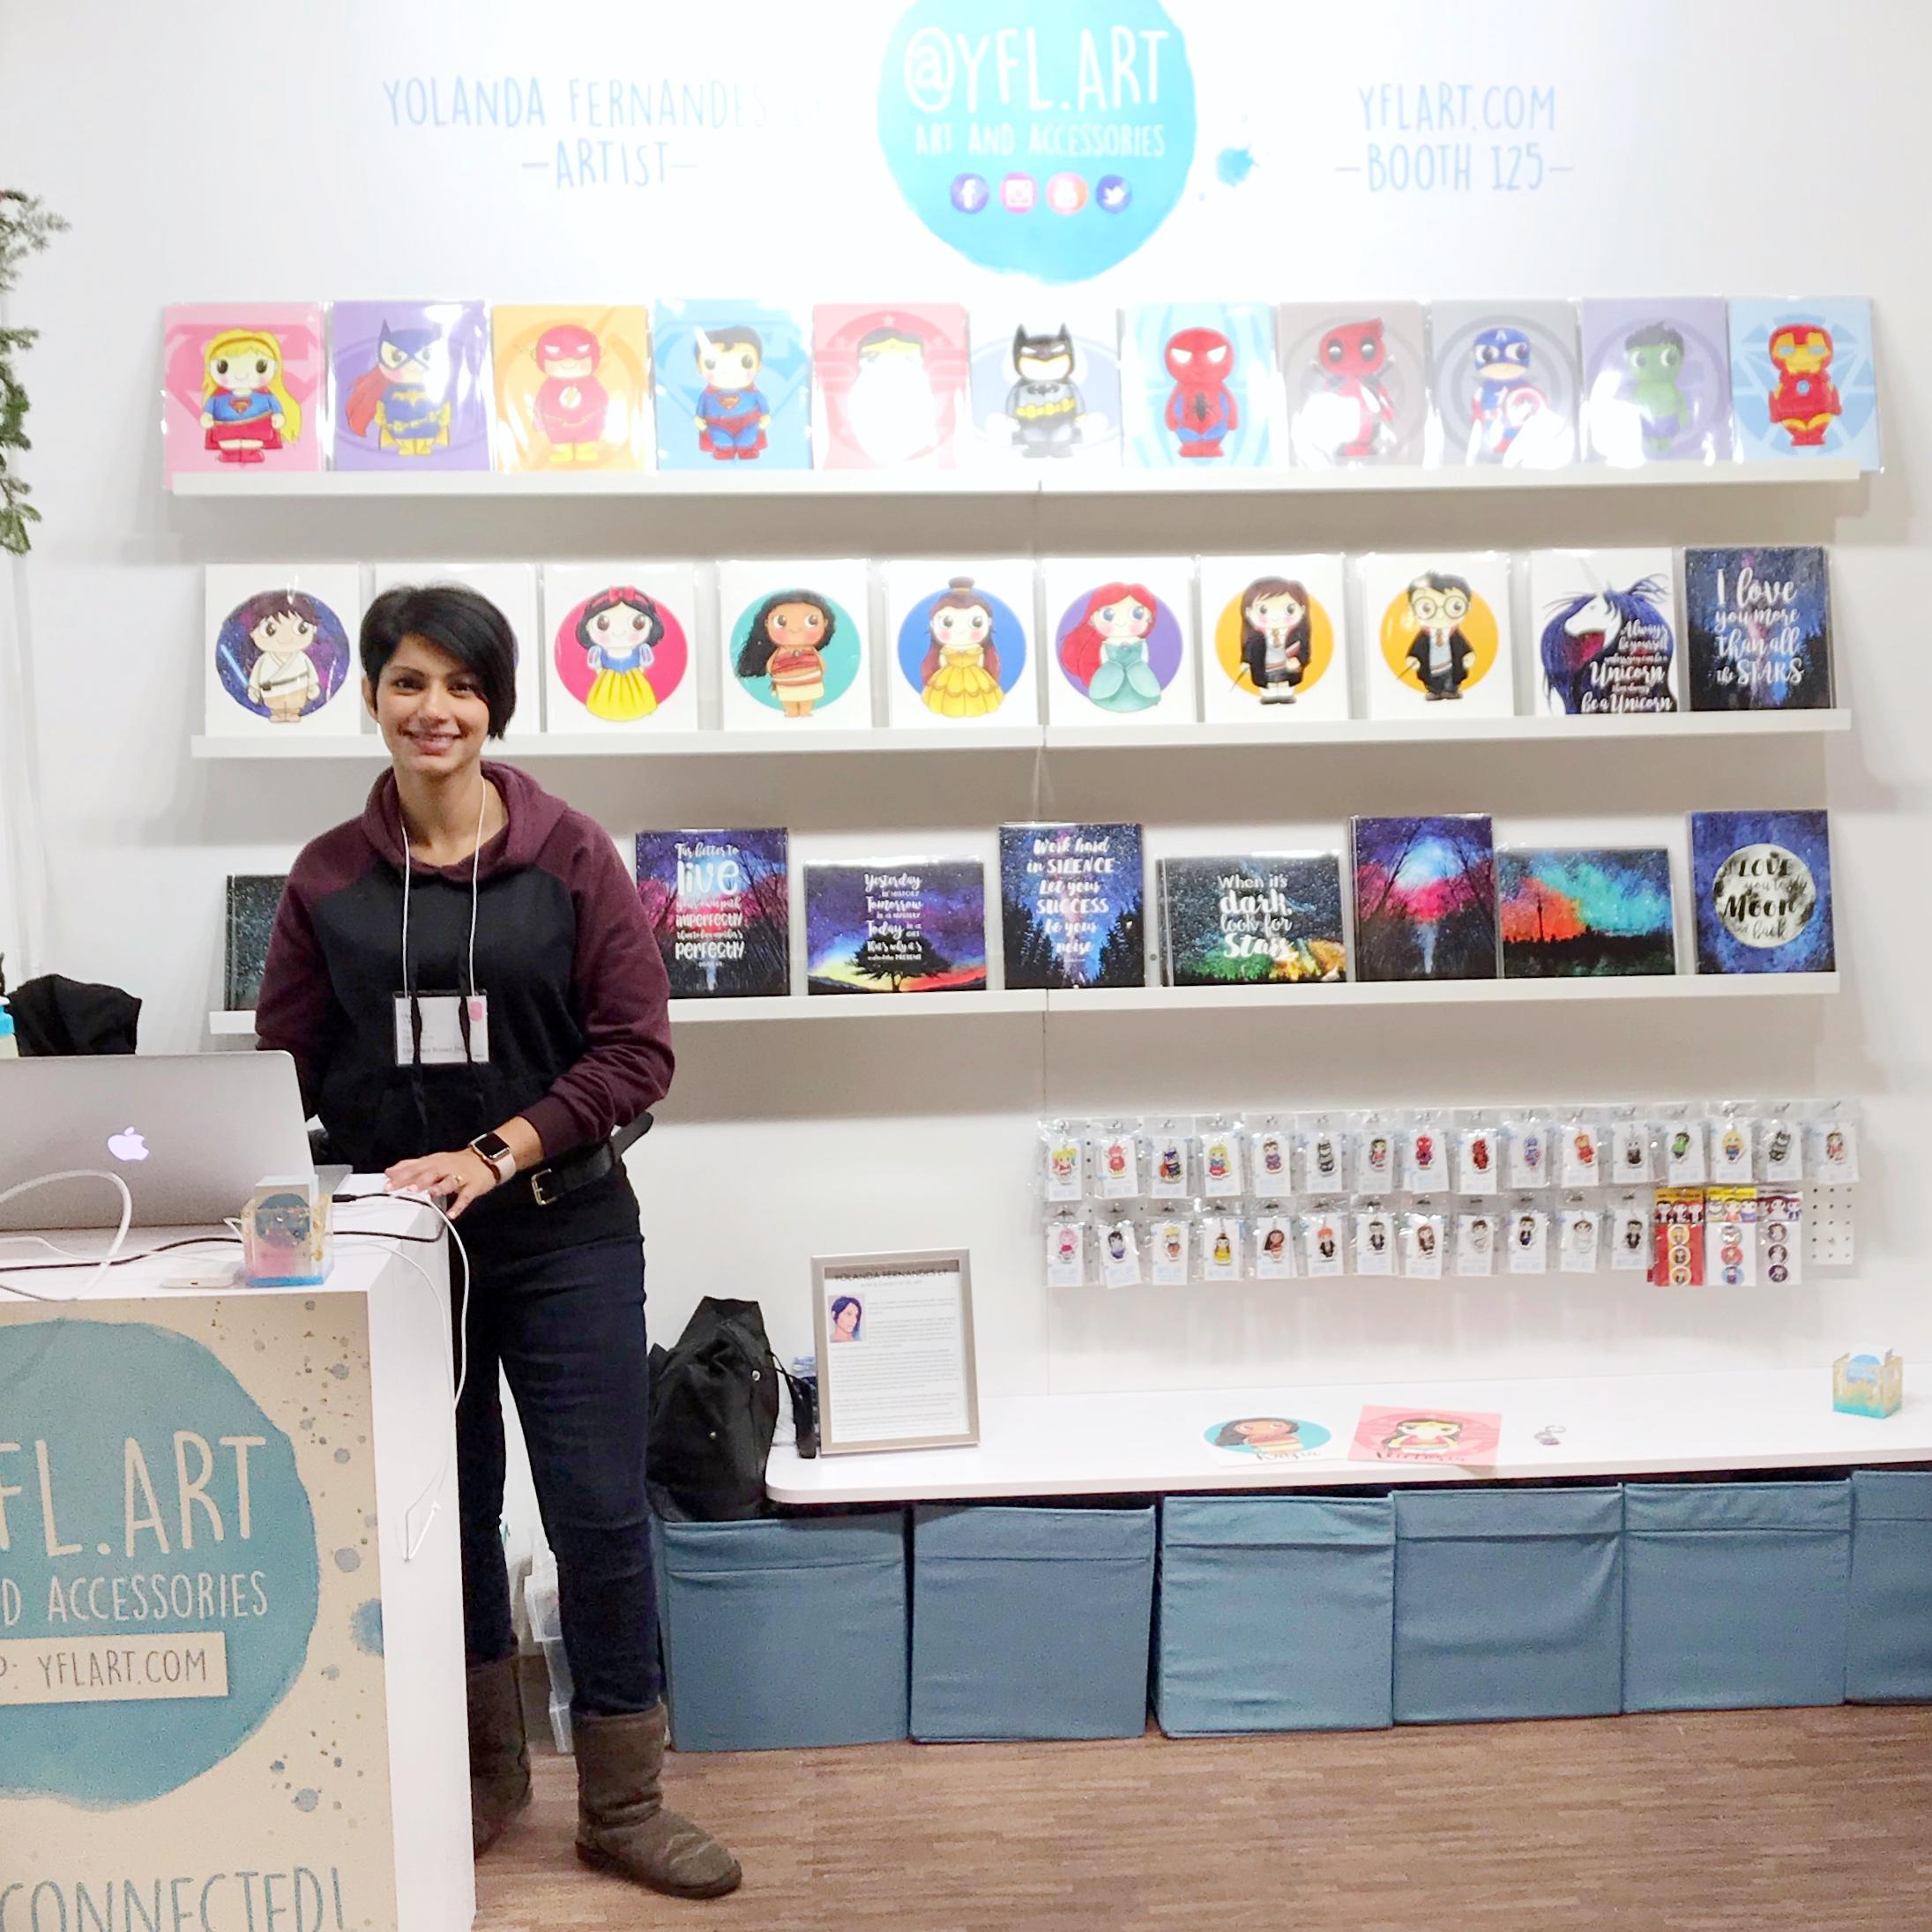 One of a Kind Show - Enercare Centre. Nov 22-Dec 2, 2018